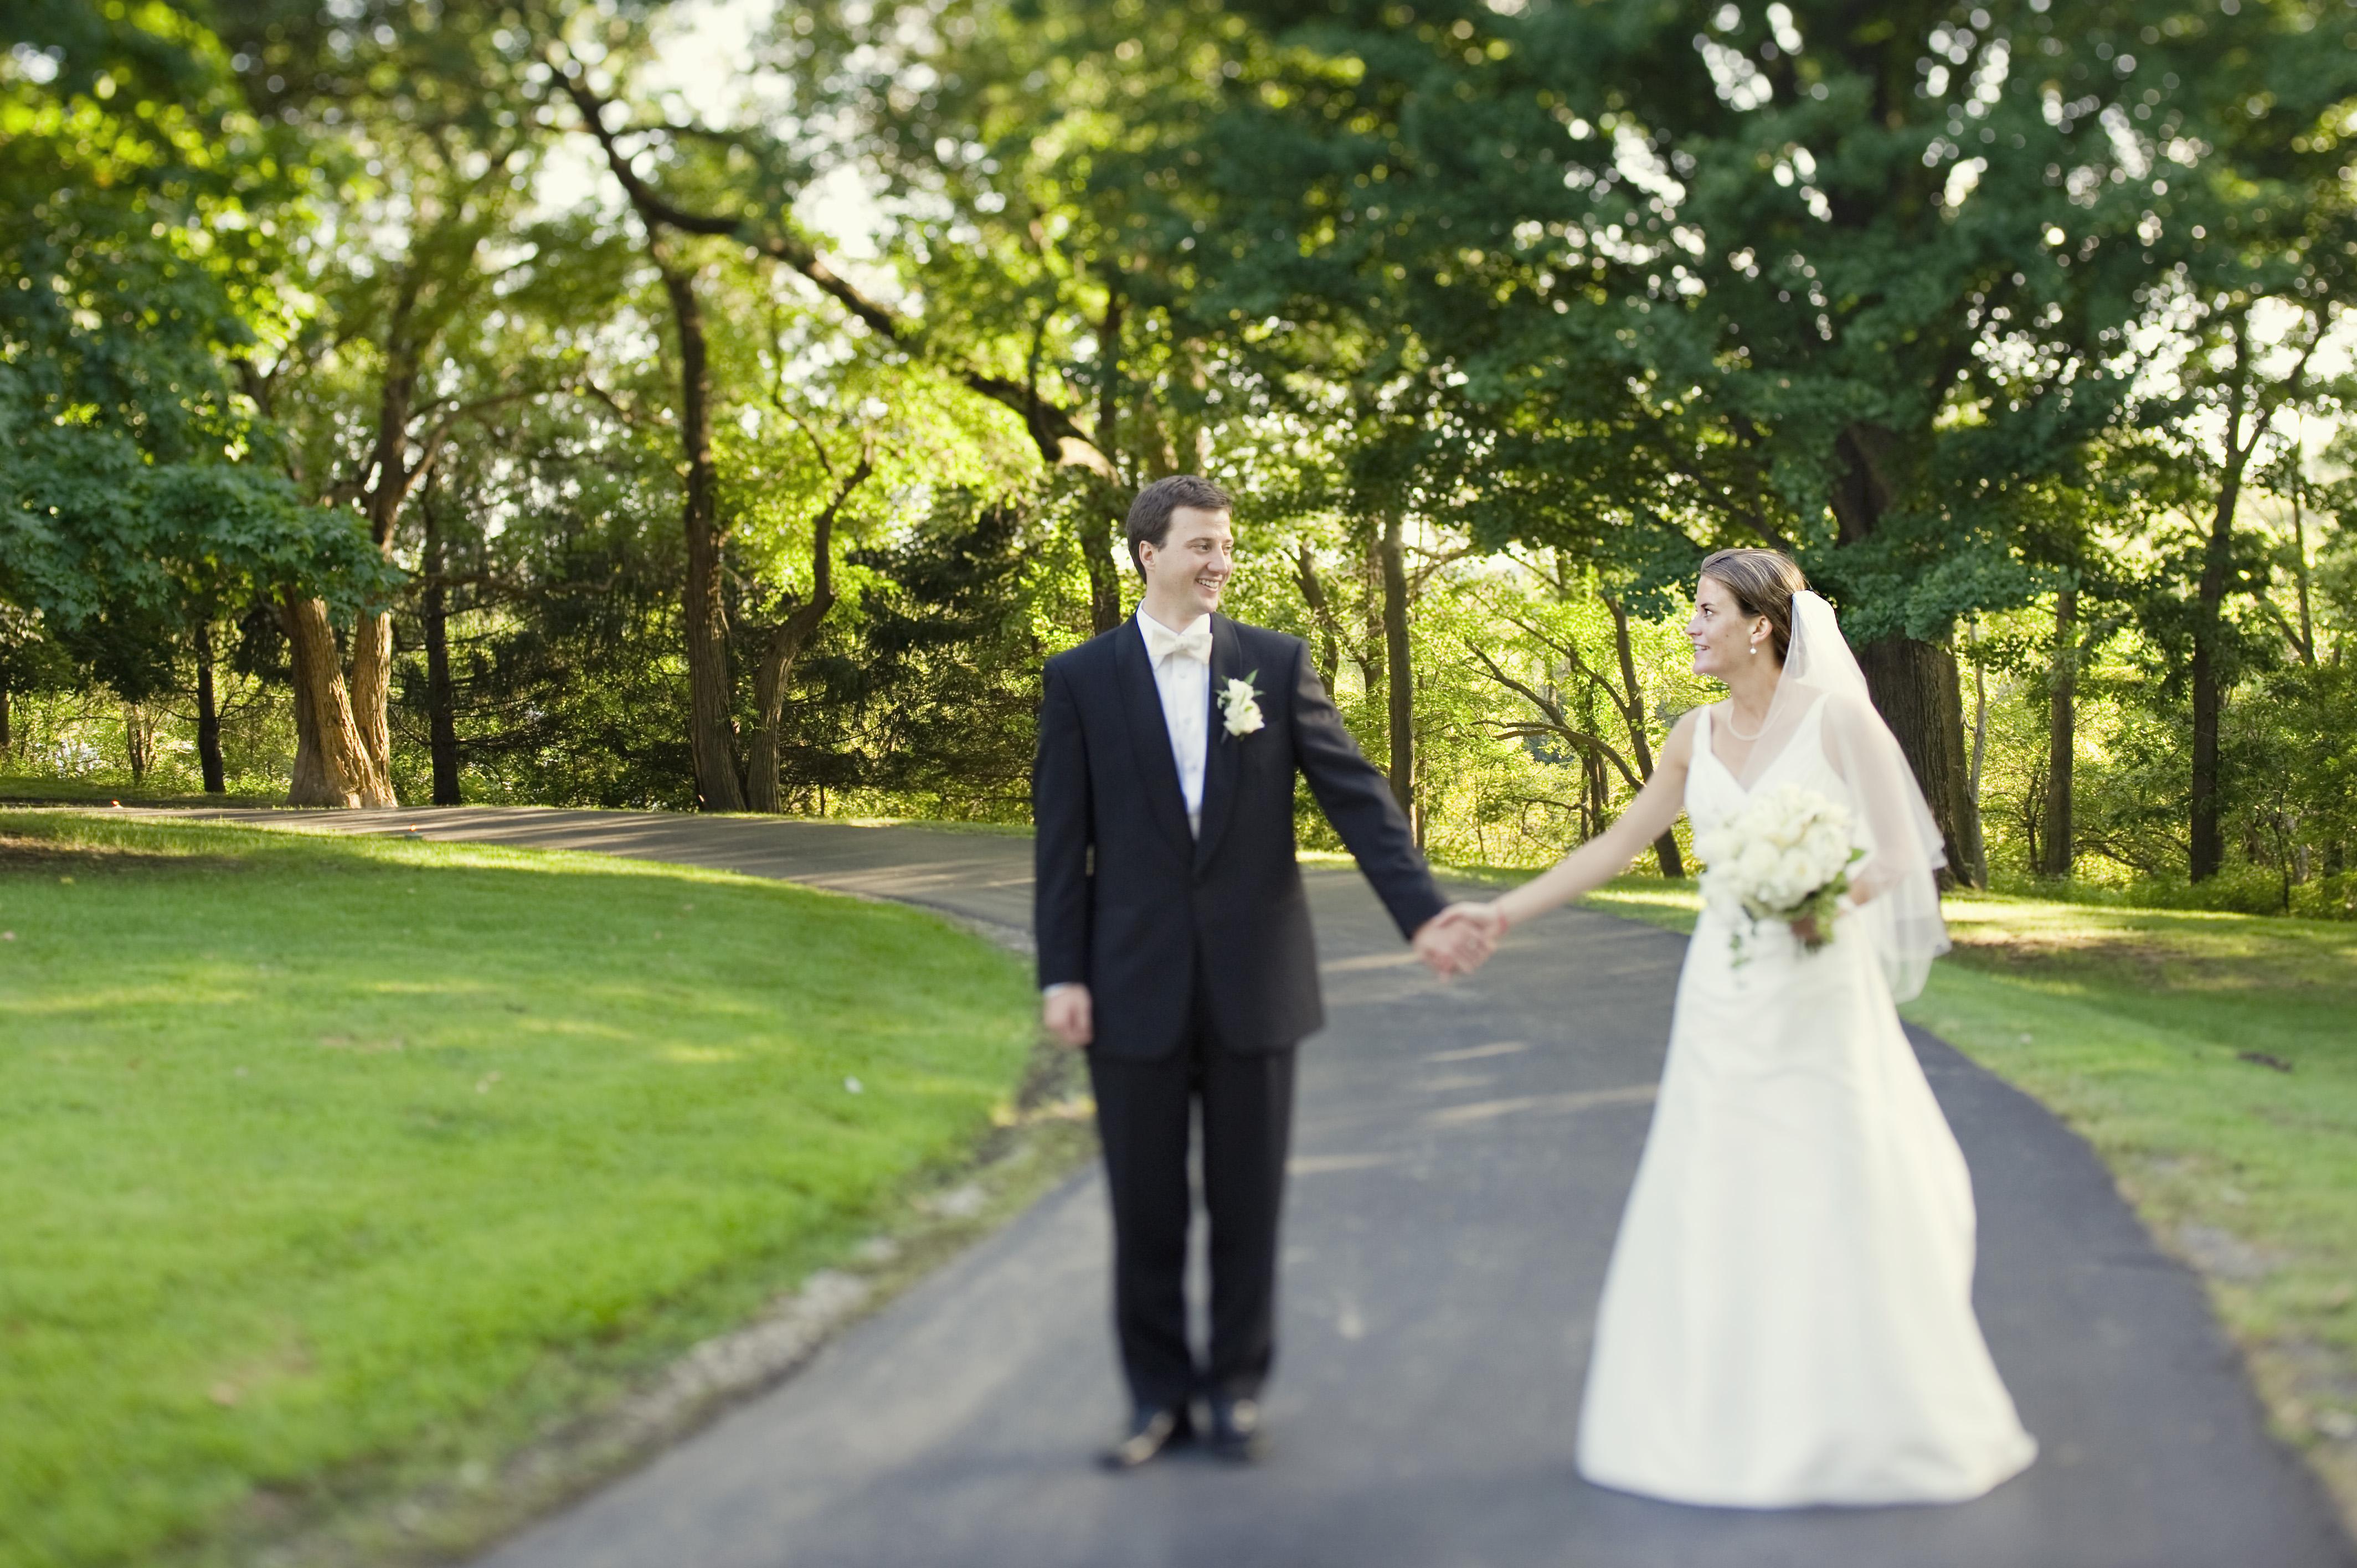 Ti Nathan Wedding walk on drive